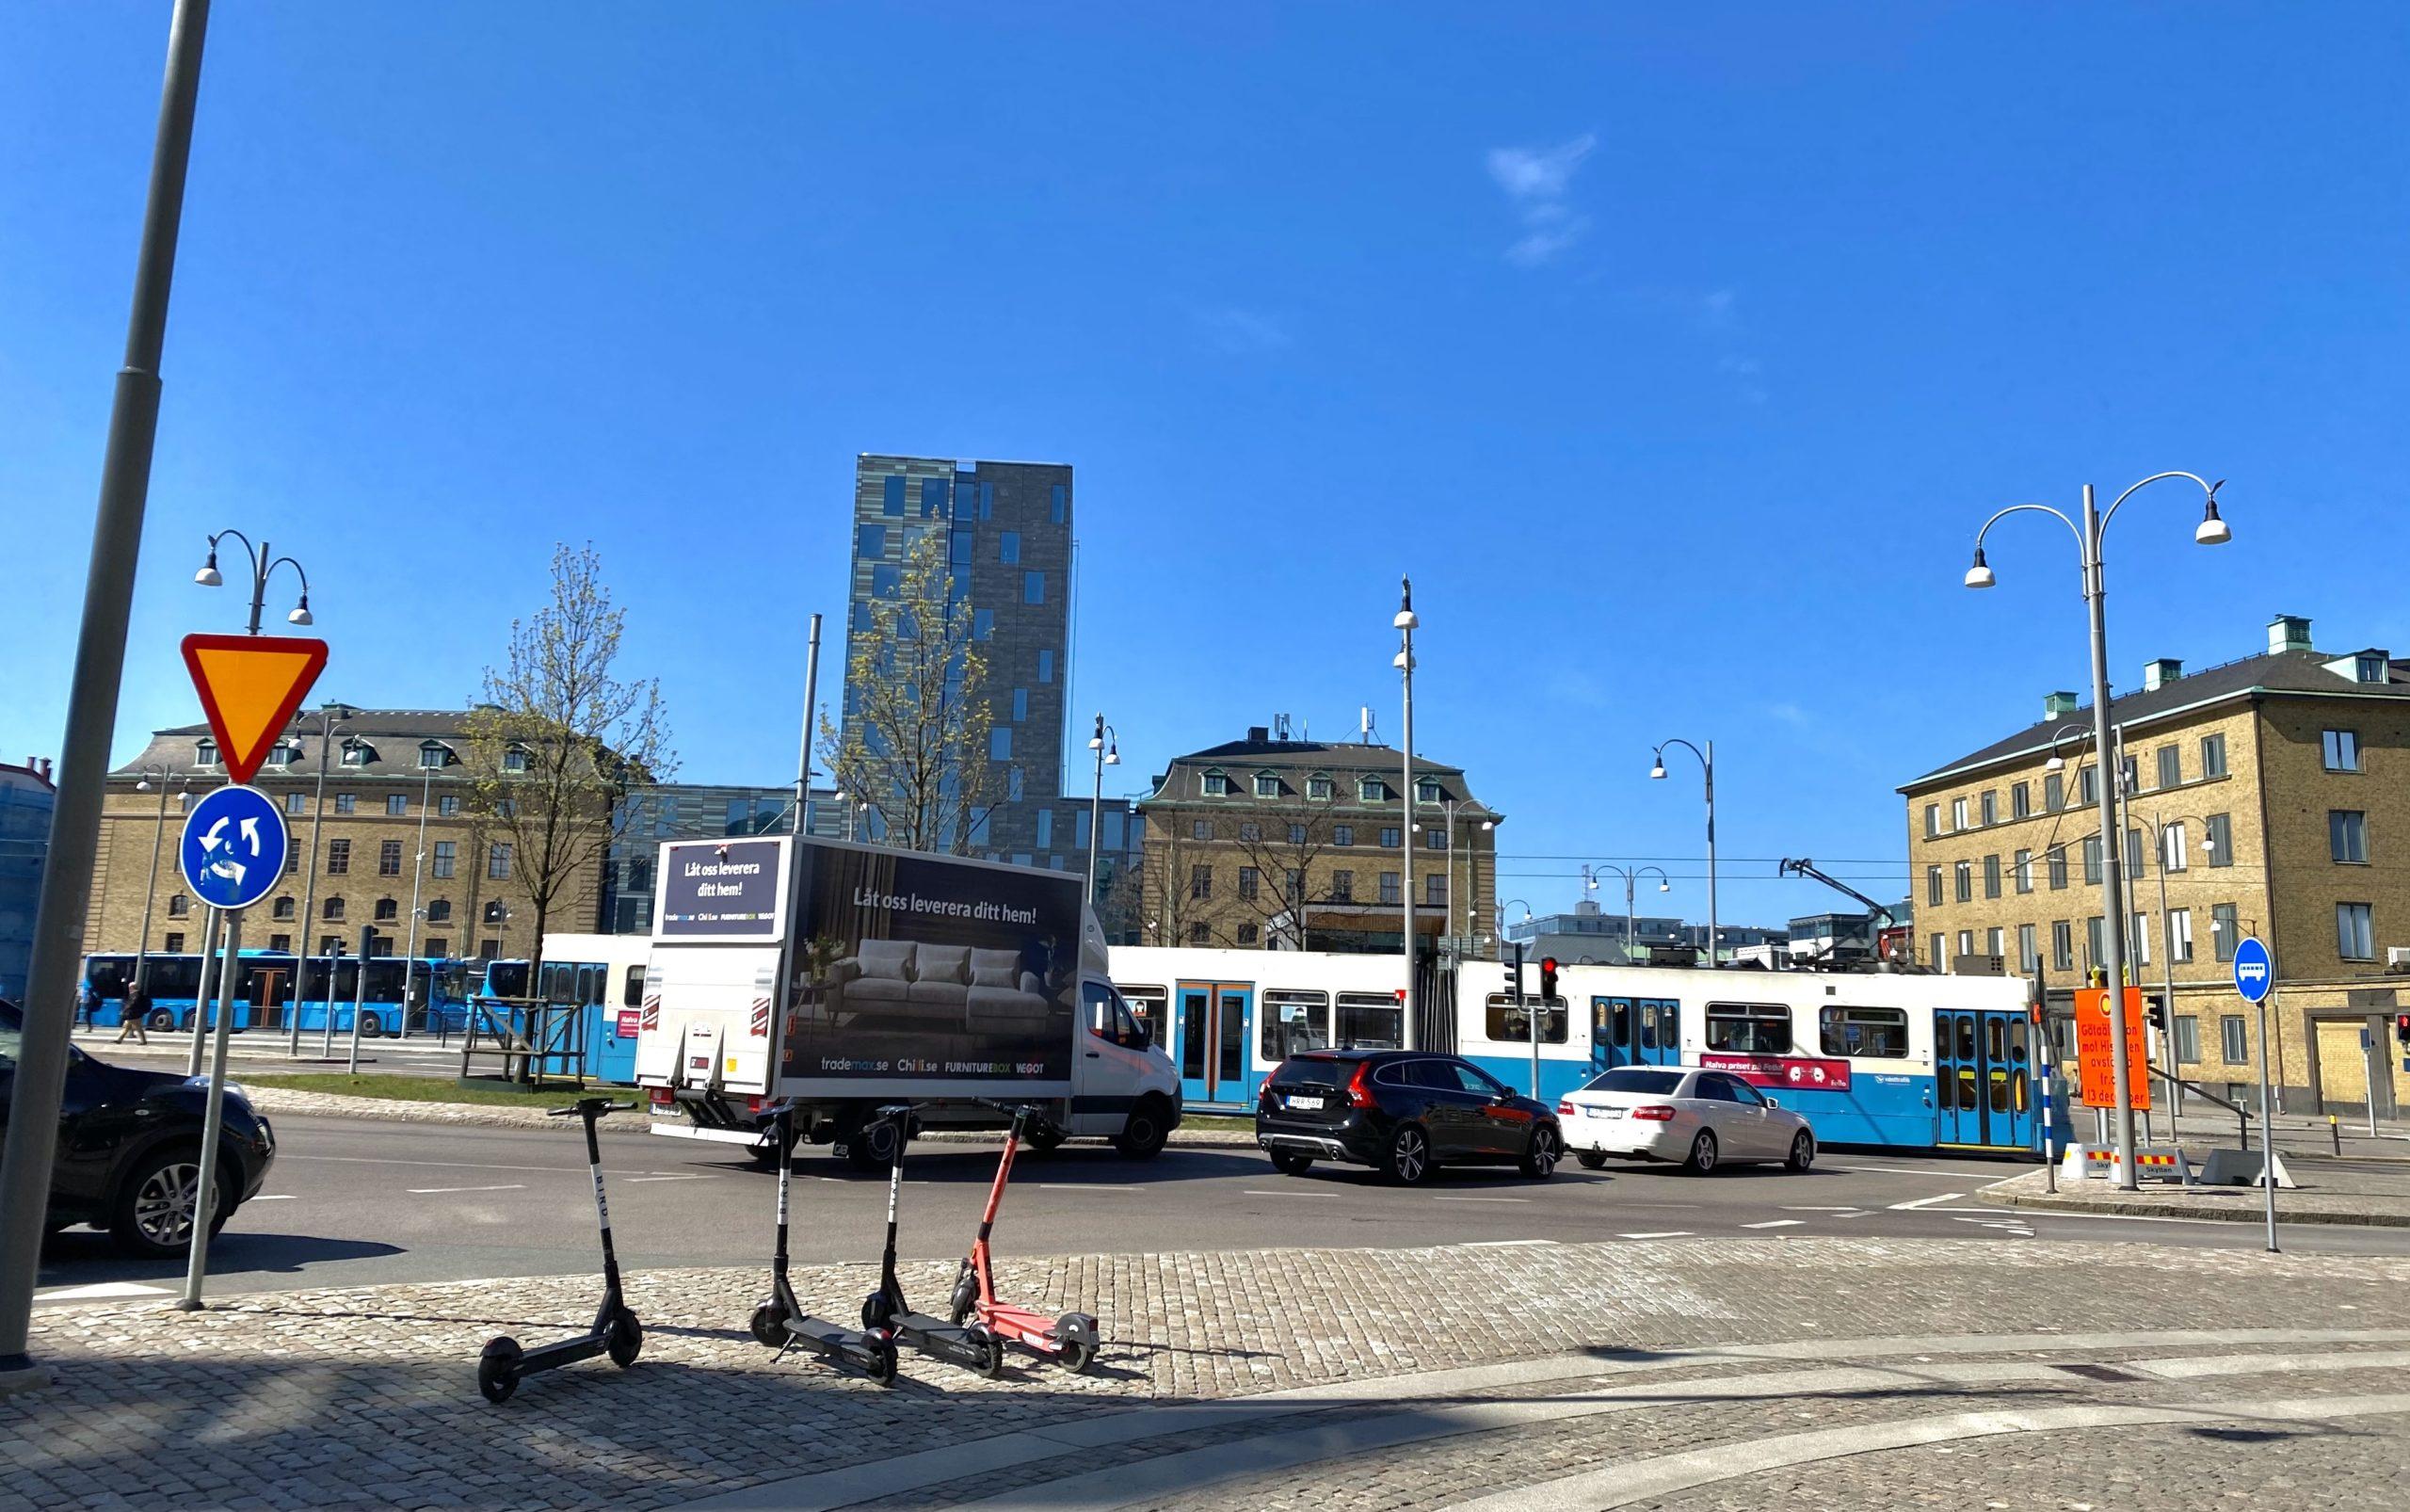 Bild på Åkareplatsen i Göteborg, klarblå himmel.